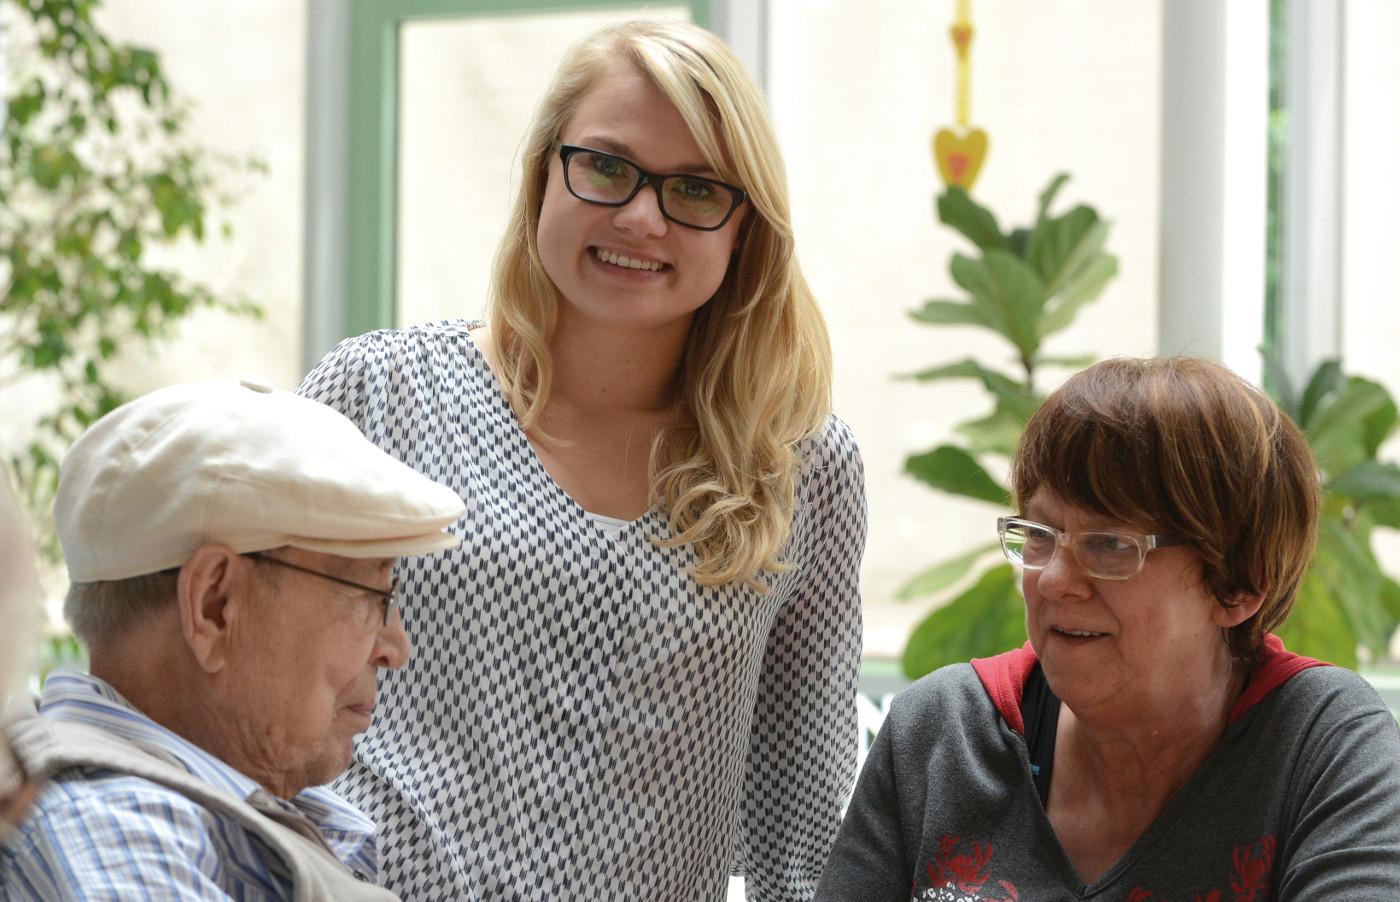 Pflegeteam1 junge Frau